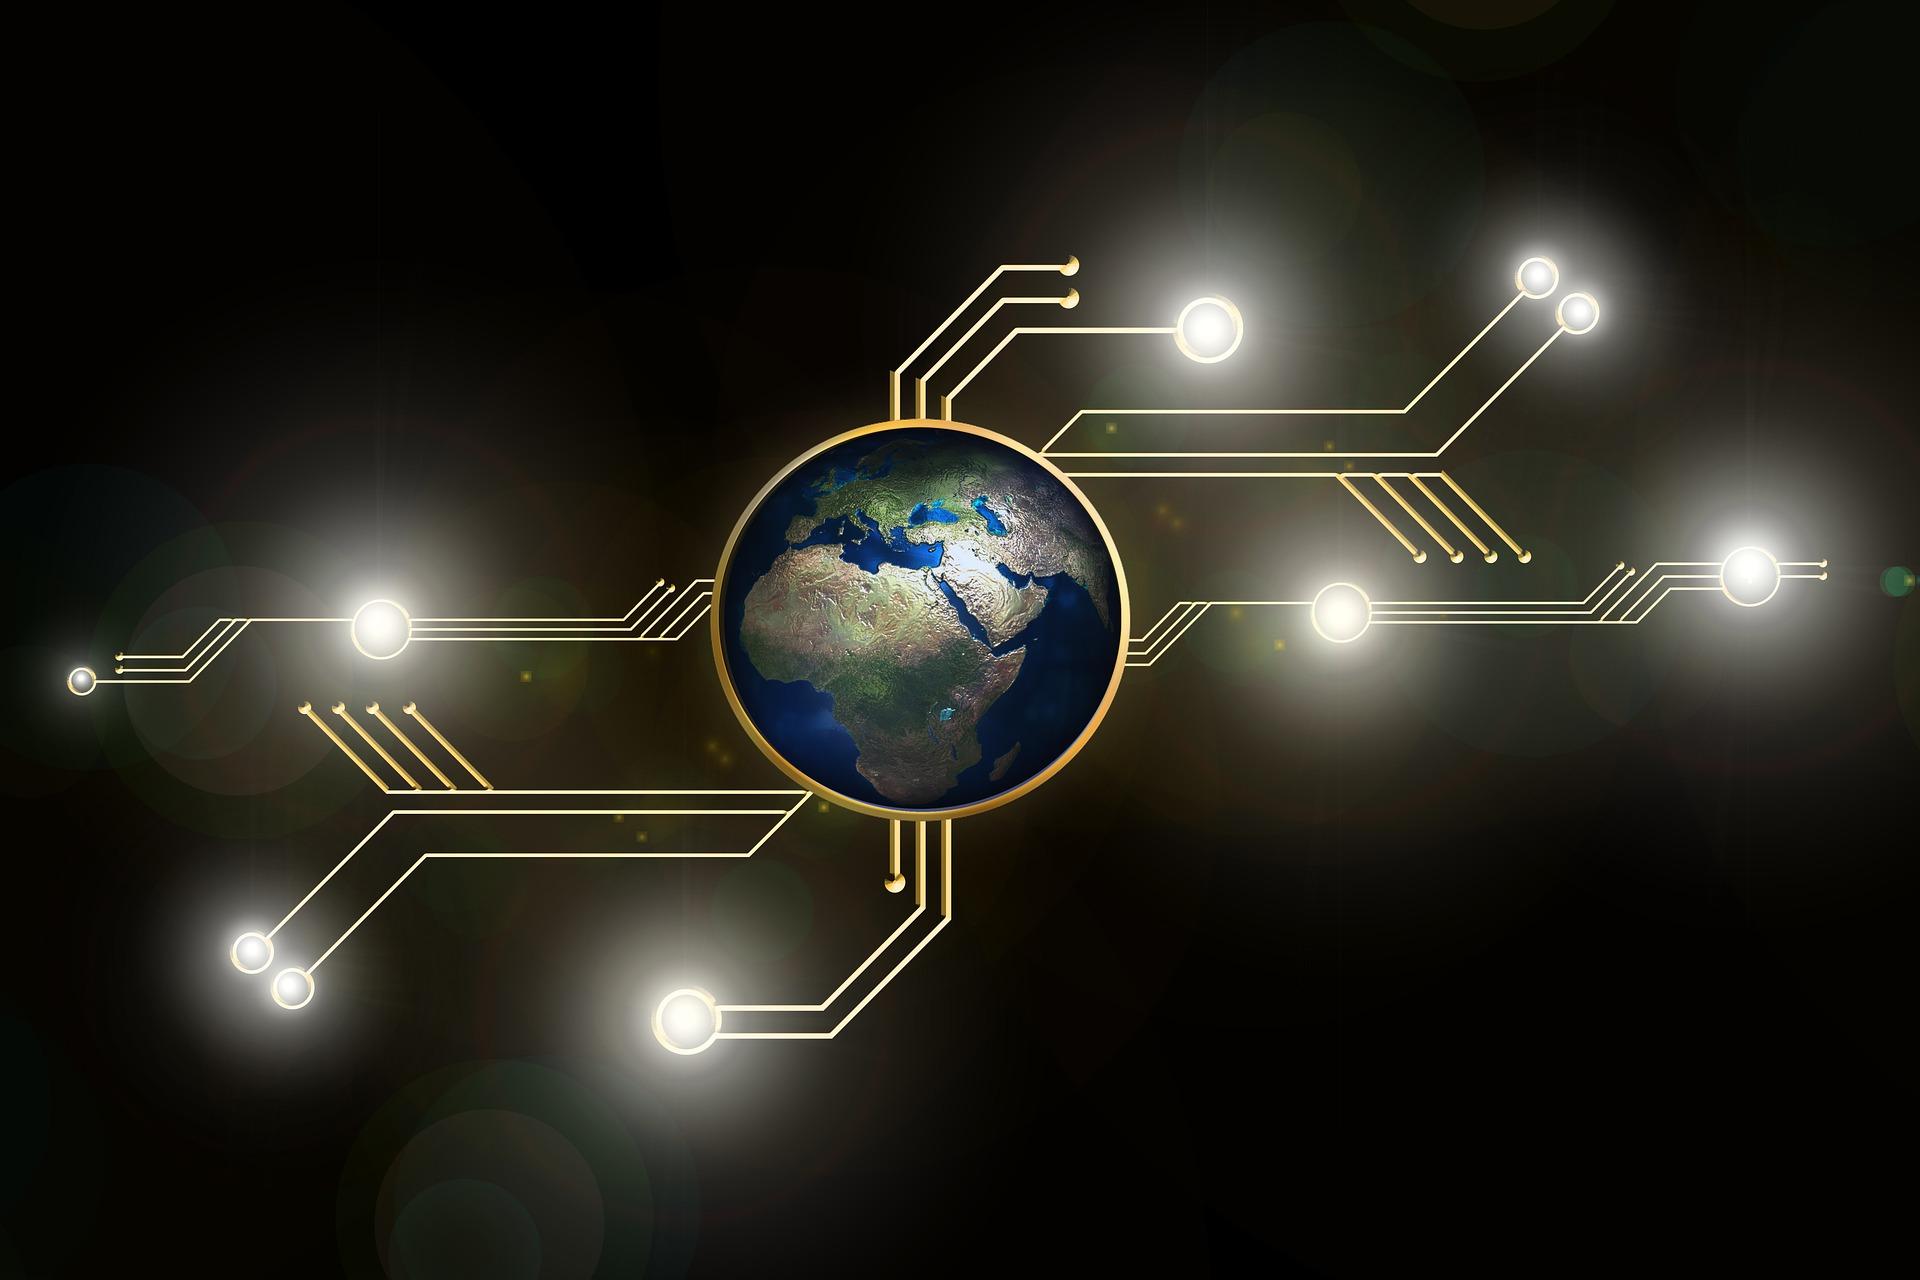 Kriptovalute i rudarenje kroz zakon o digitalnoj imovini